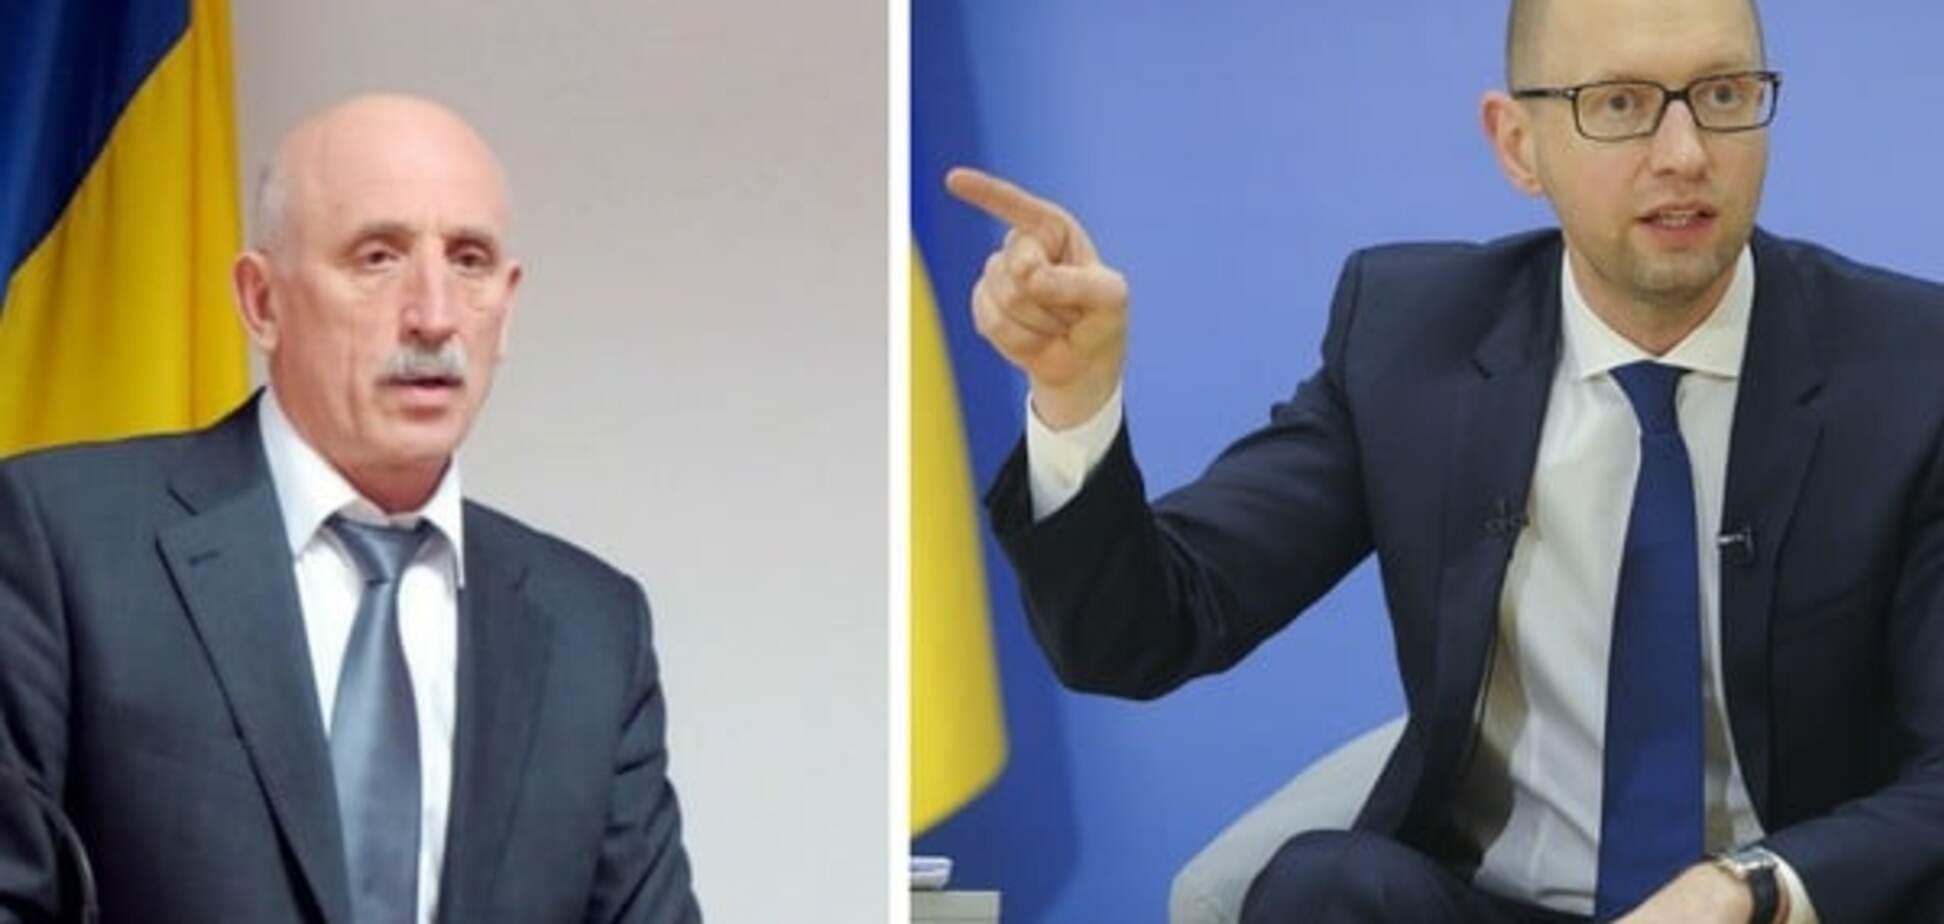 Кумівство та корупція: керівника пенітенціарної служби викрили в родинних зв'язках з Яценюком